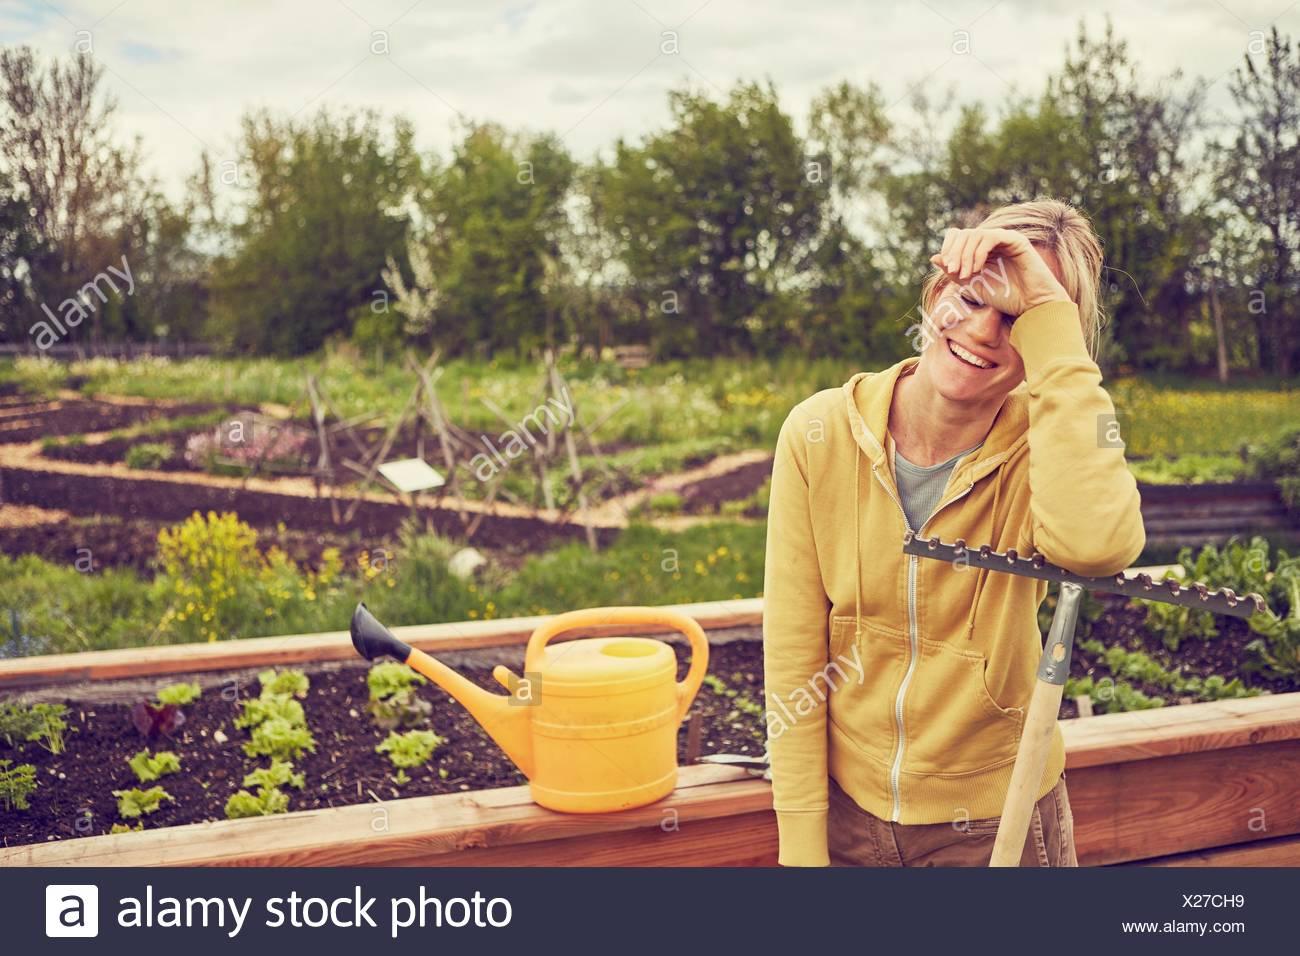 Mature woman, gardening, leaning on rake, laughing - Stock Image